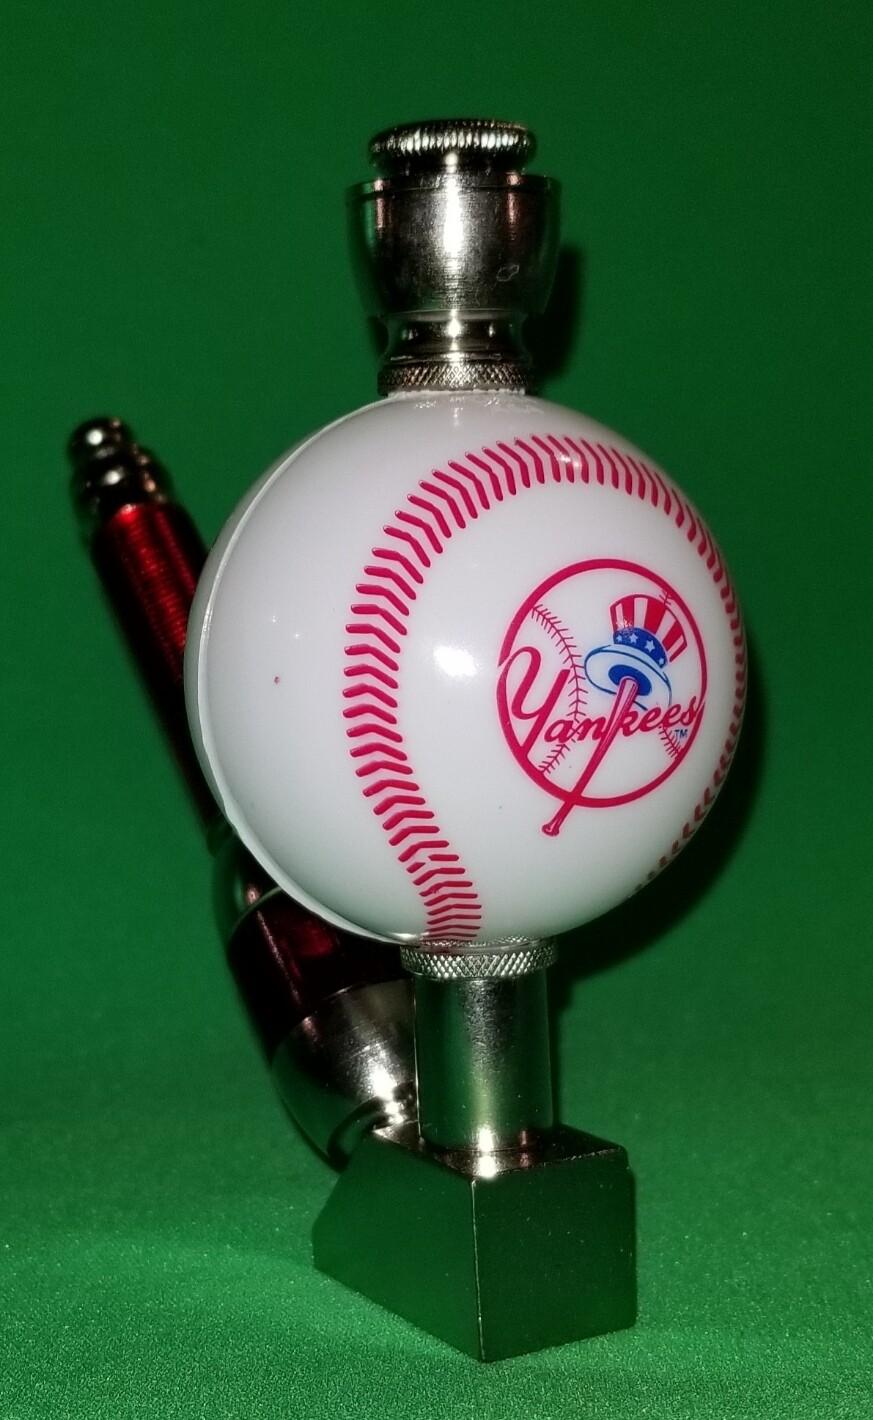 NEW YORK YANKEES BASEBALL PIPE Wedge/Nickel/White